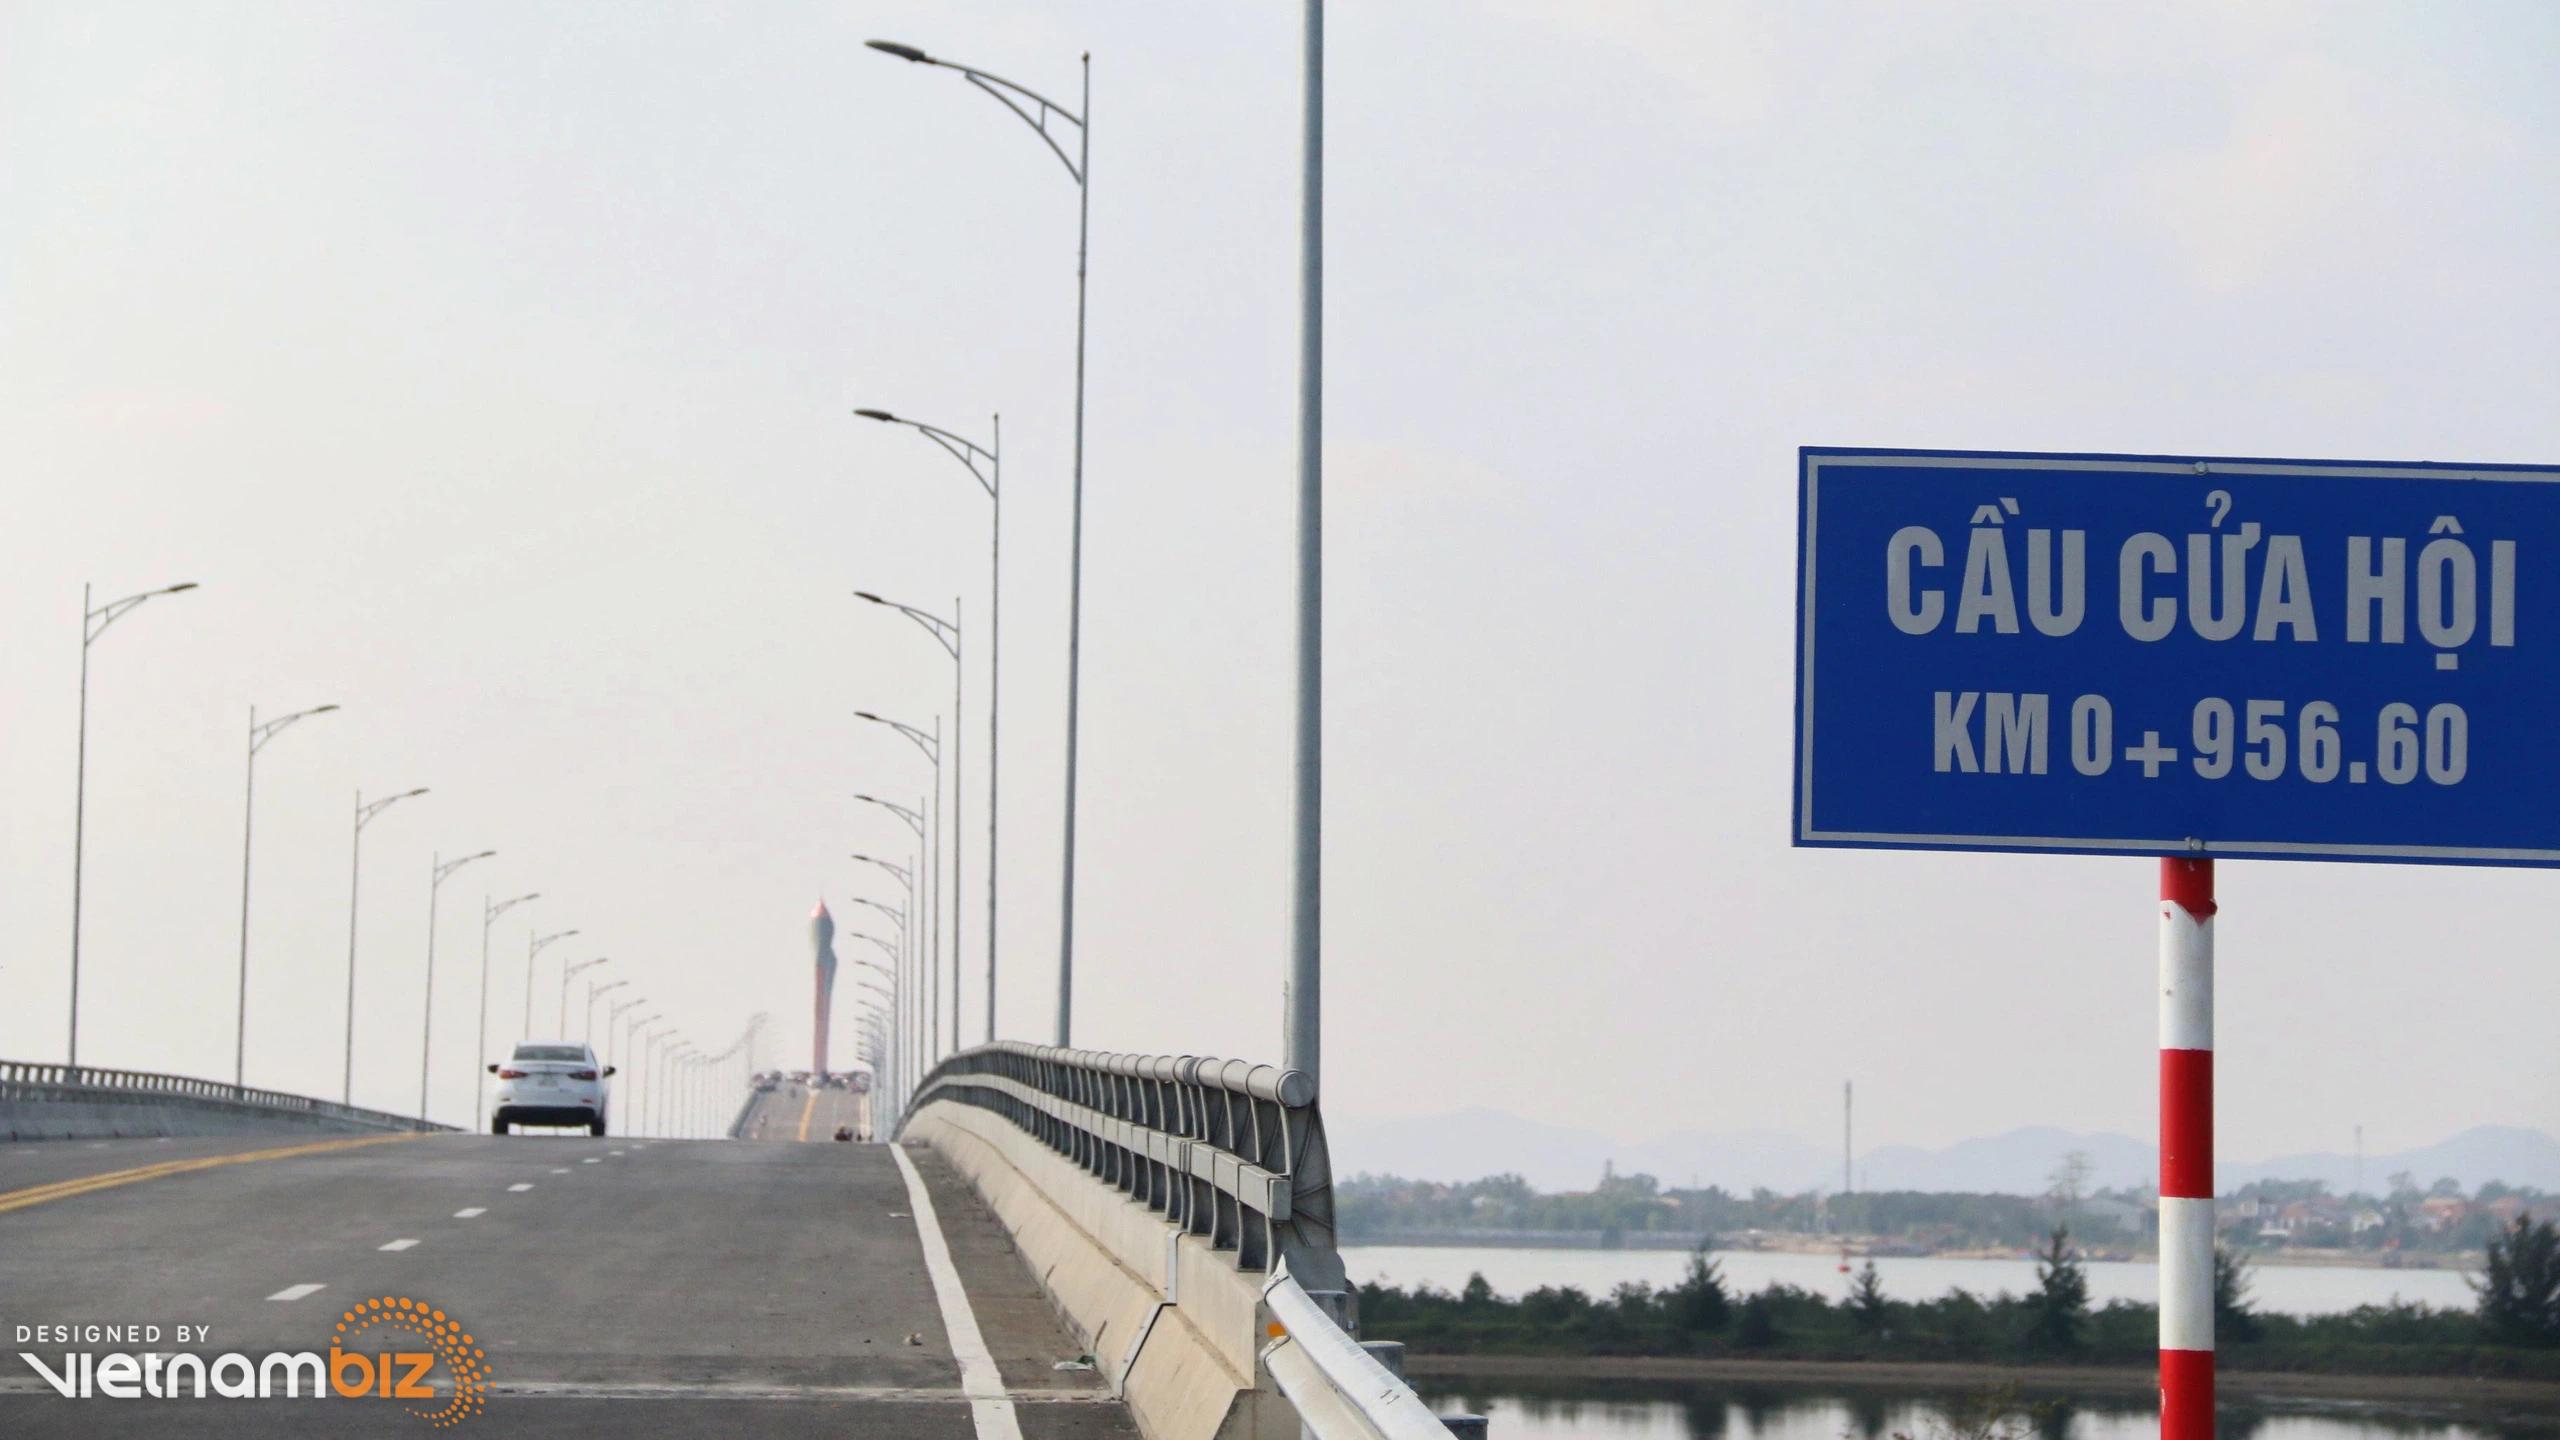 Thông xe cầu Cửa Hội 950 tỷ đồng bắc qua sông Lam nối tỉnh Nghệ An và Hà Tĩnh - Ảnh 1.